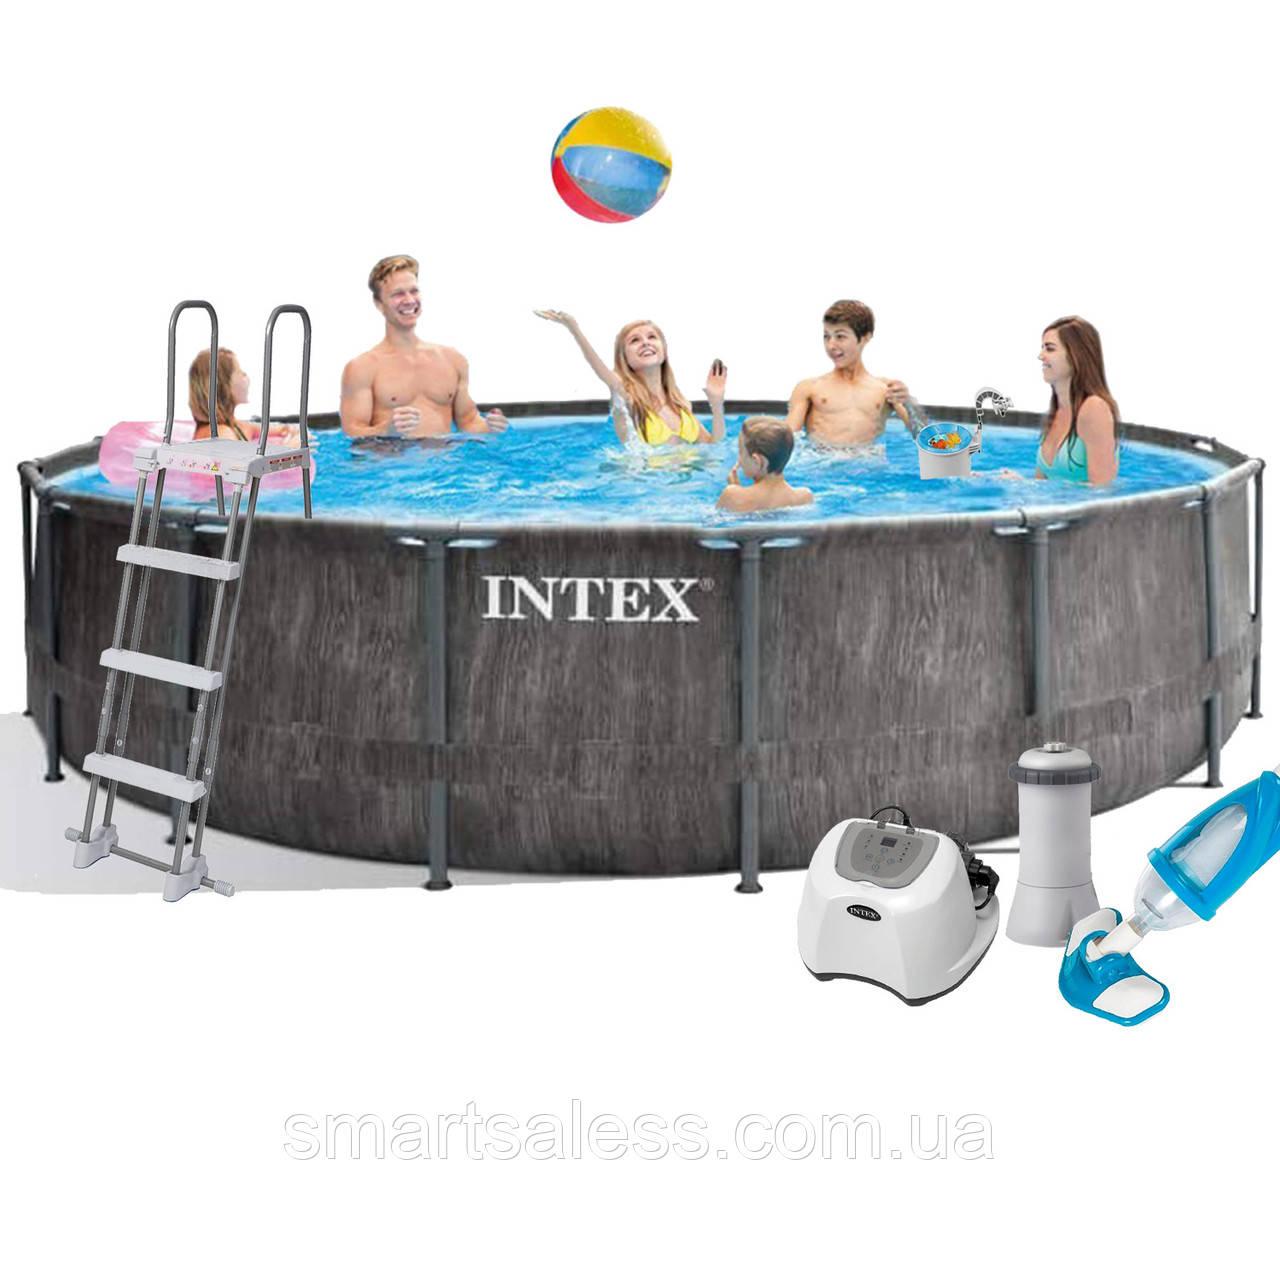 Каркасный бассейн Intex 26742 - 6, 457 x 122 см (4 г/ч, 3 785 л/ч, тент, подстилка, лестница, набор для ухода)